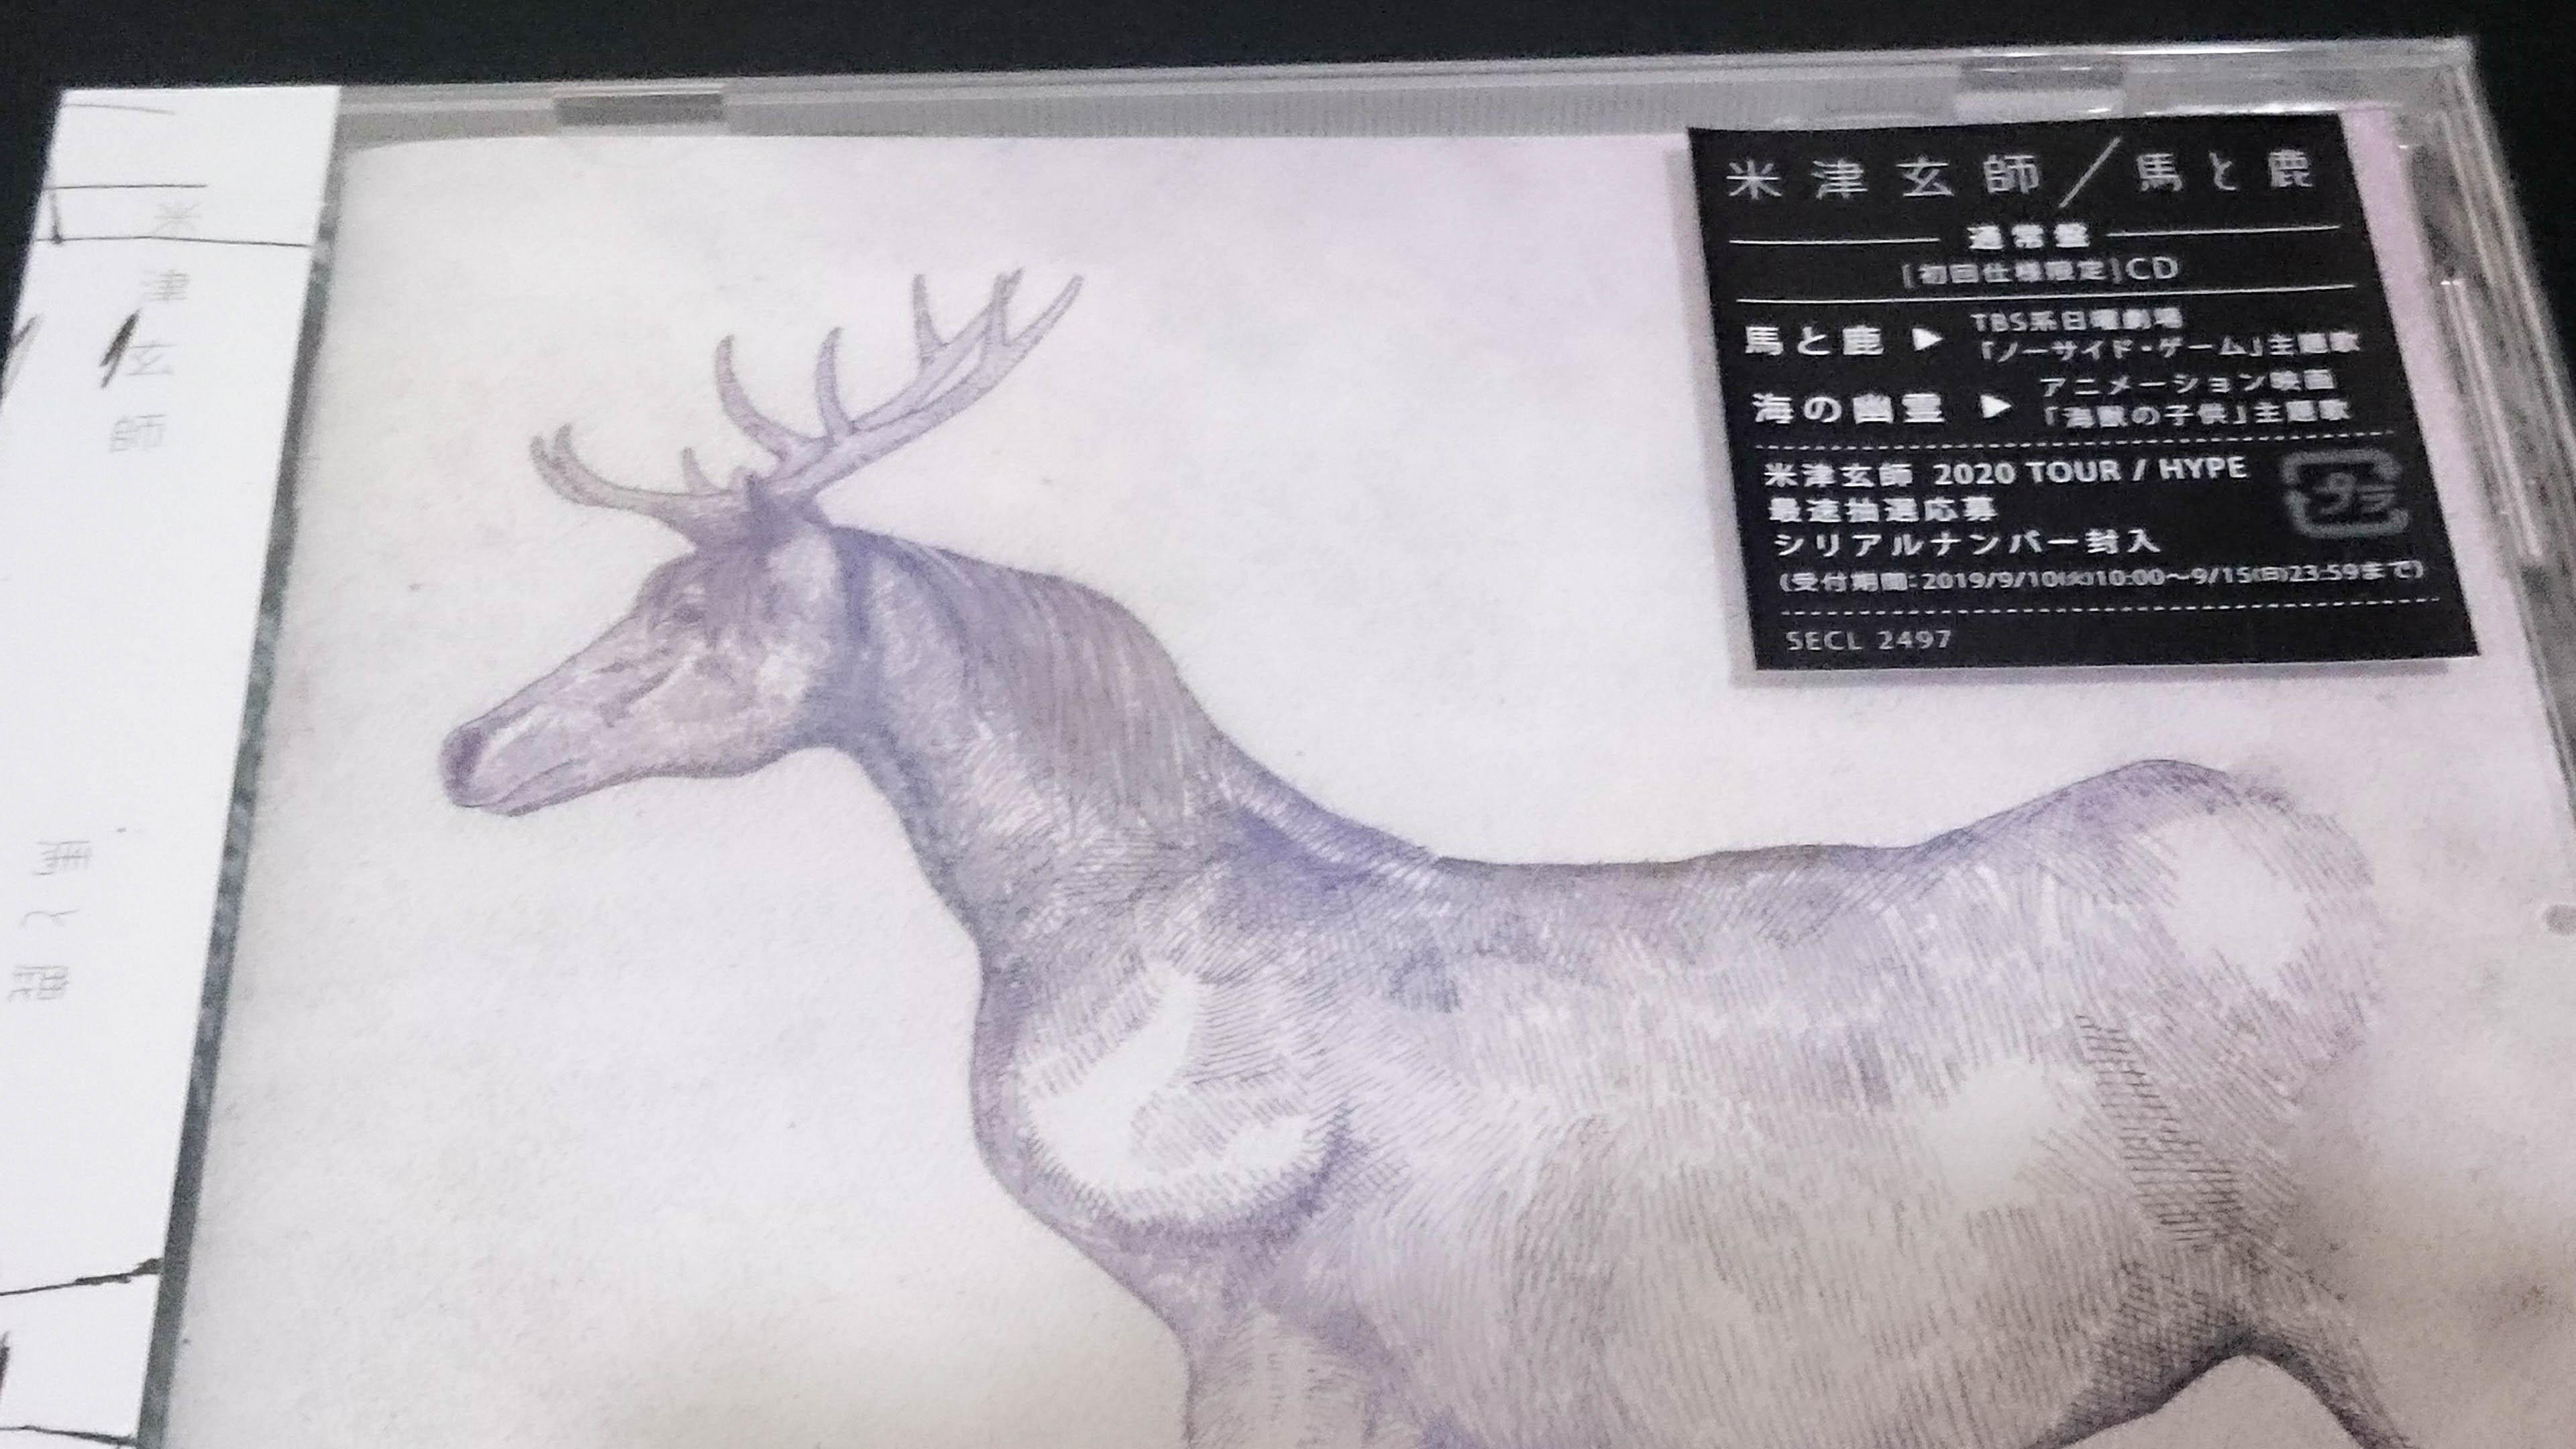 【米津玄師 2020 TOUR / HYPE】「馬と鹿」CD封入最速先行の当落発表!!